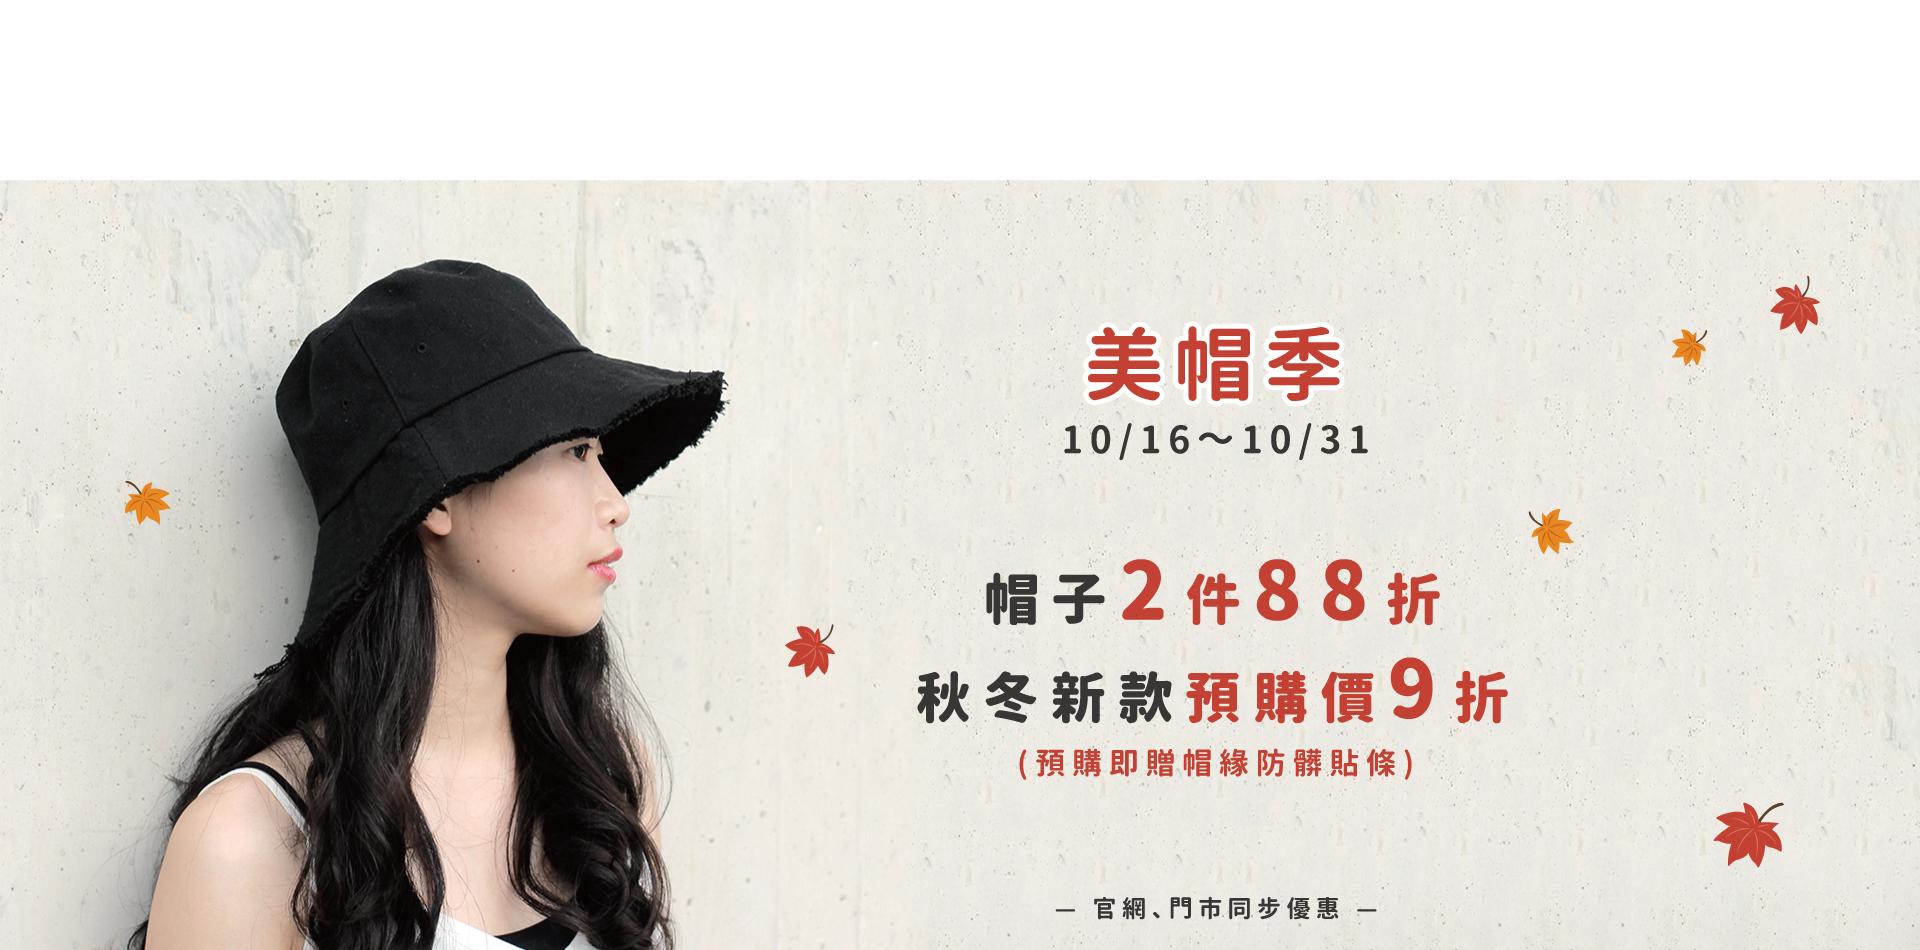 帽子2件88折 秋冬新帽款9折預購價 再加贈帽緣防髒貼條